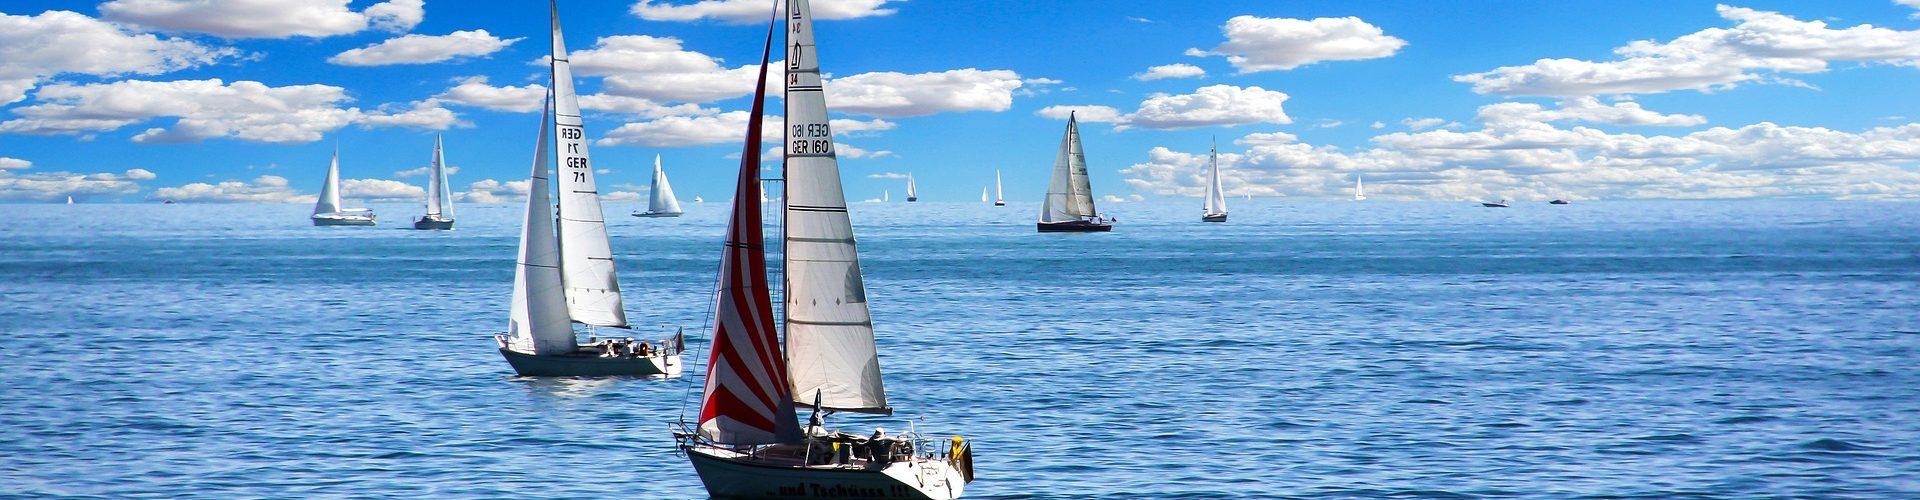 segeln lernen in Emmerich segelschein machen in Emmerich 1920x500 - Segeln lernen in Emmerich